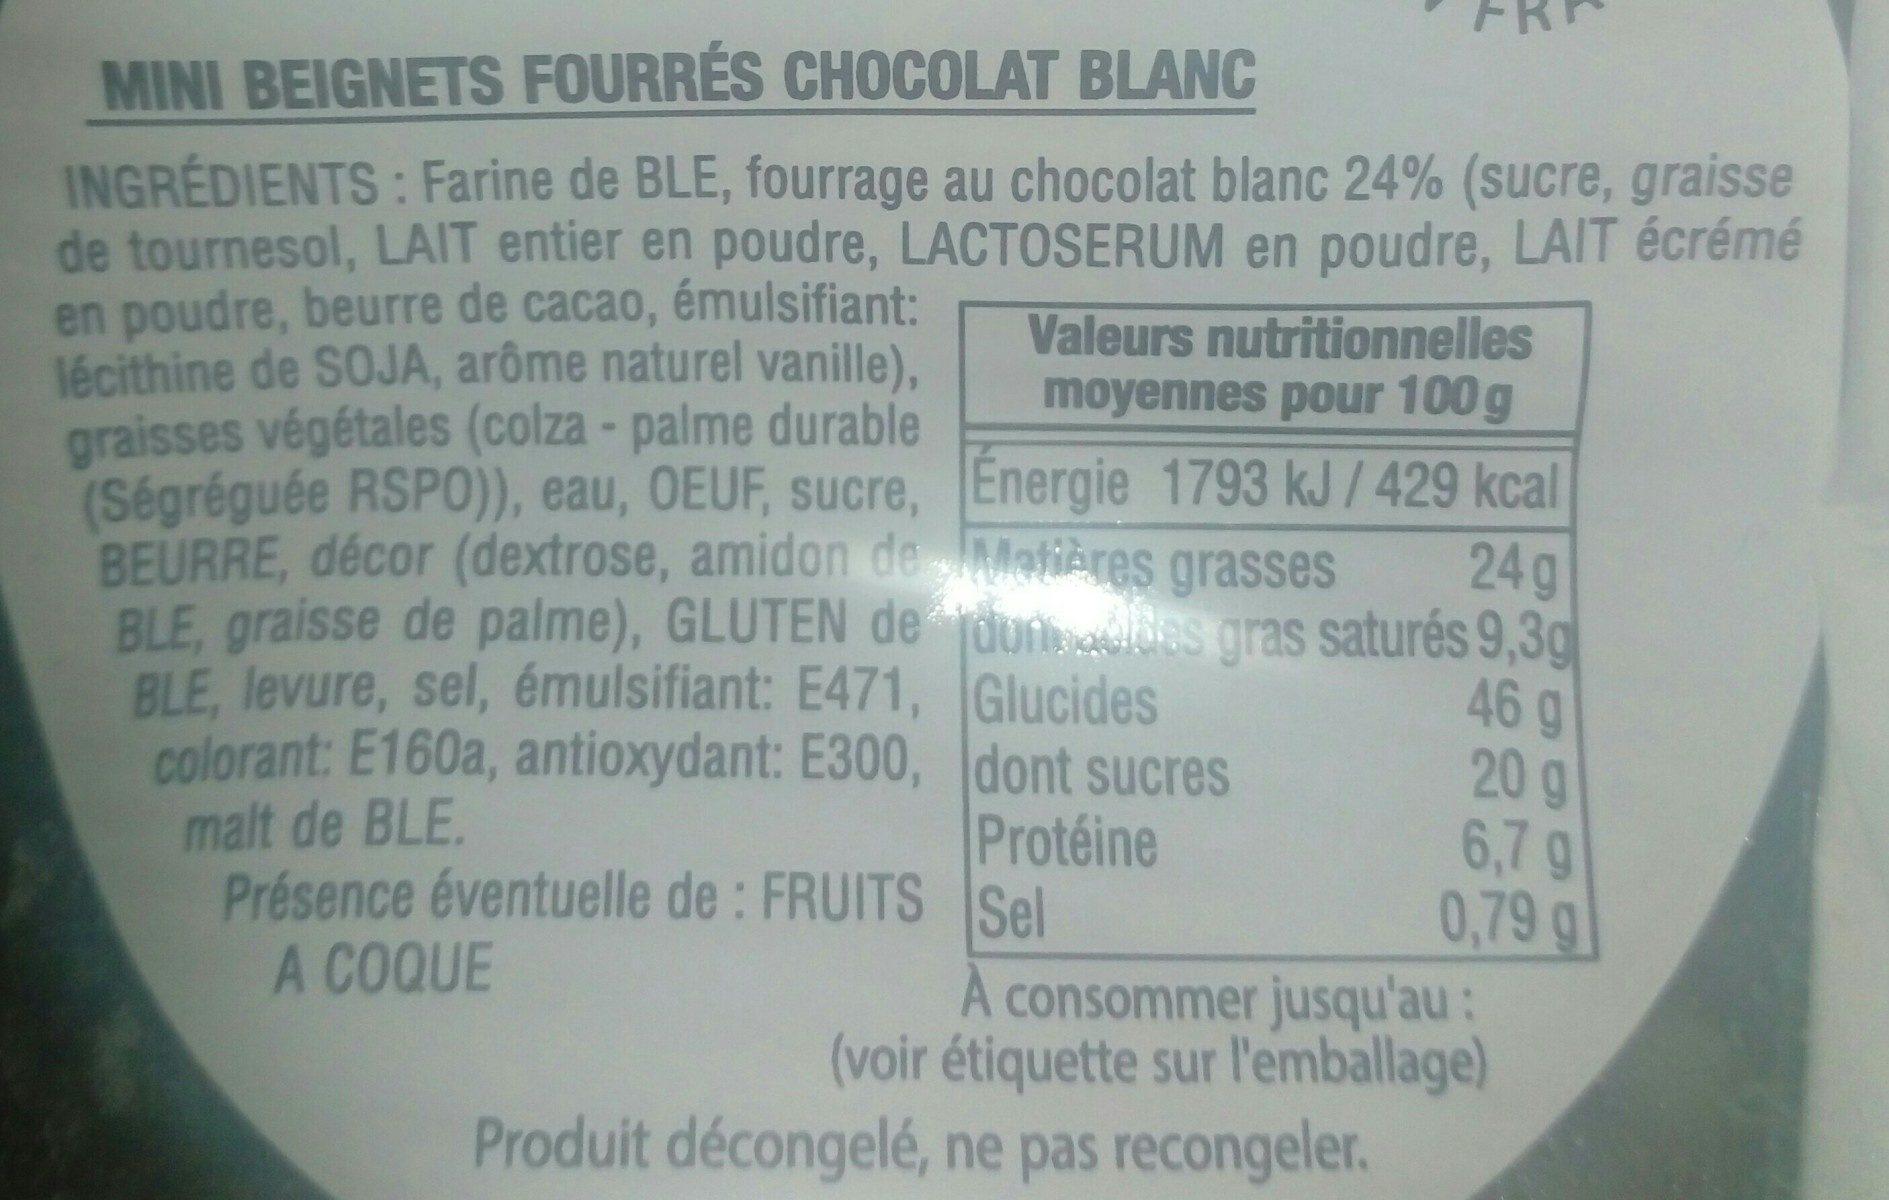 Mini beignet au chocolat blanc - Ingrédients - fr